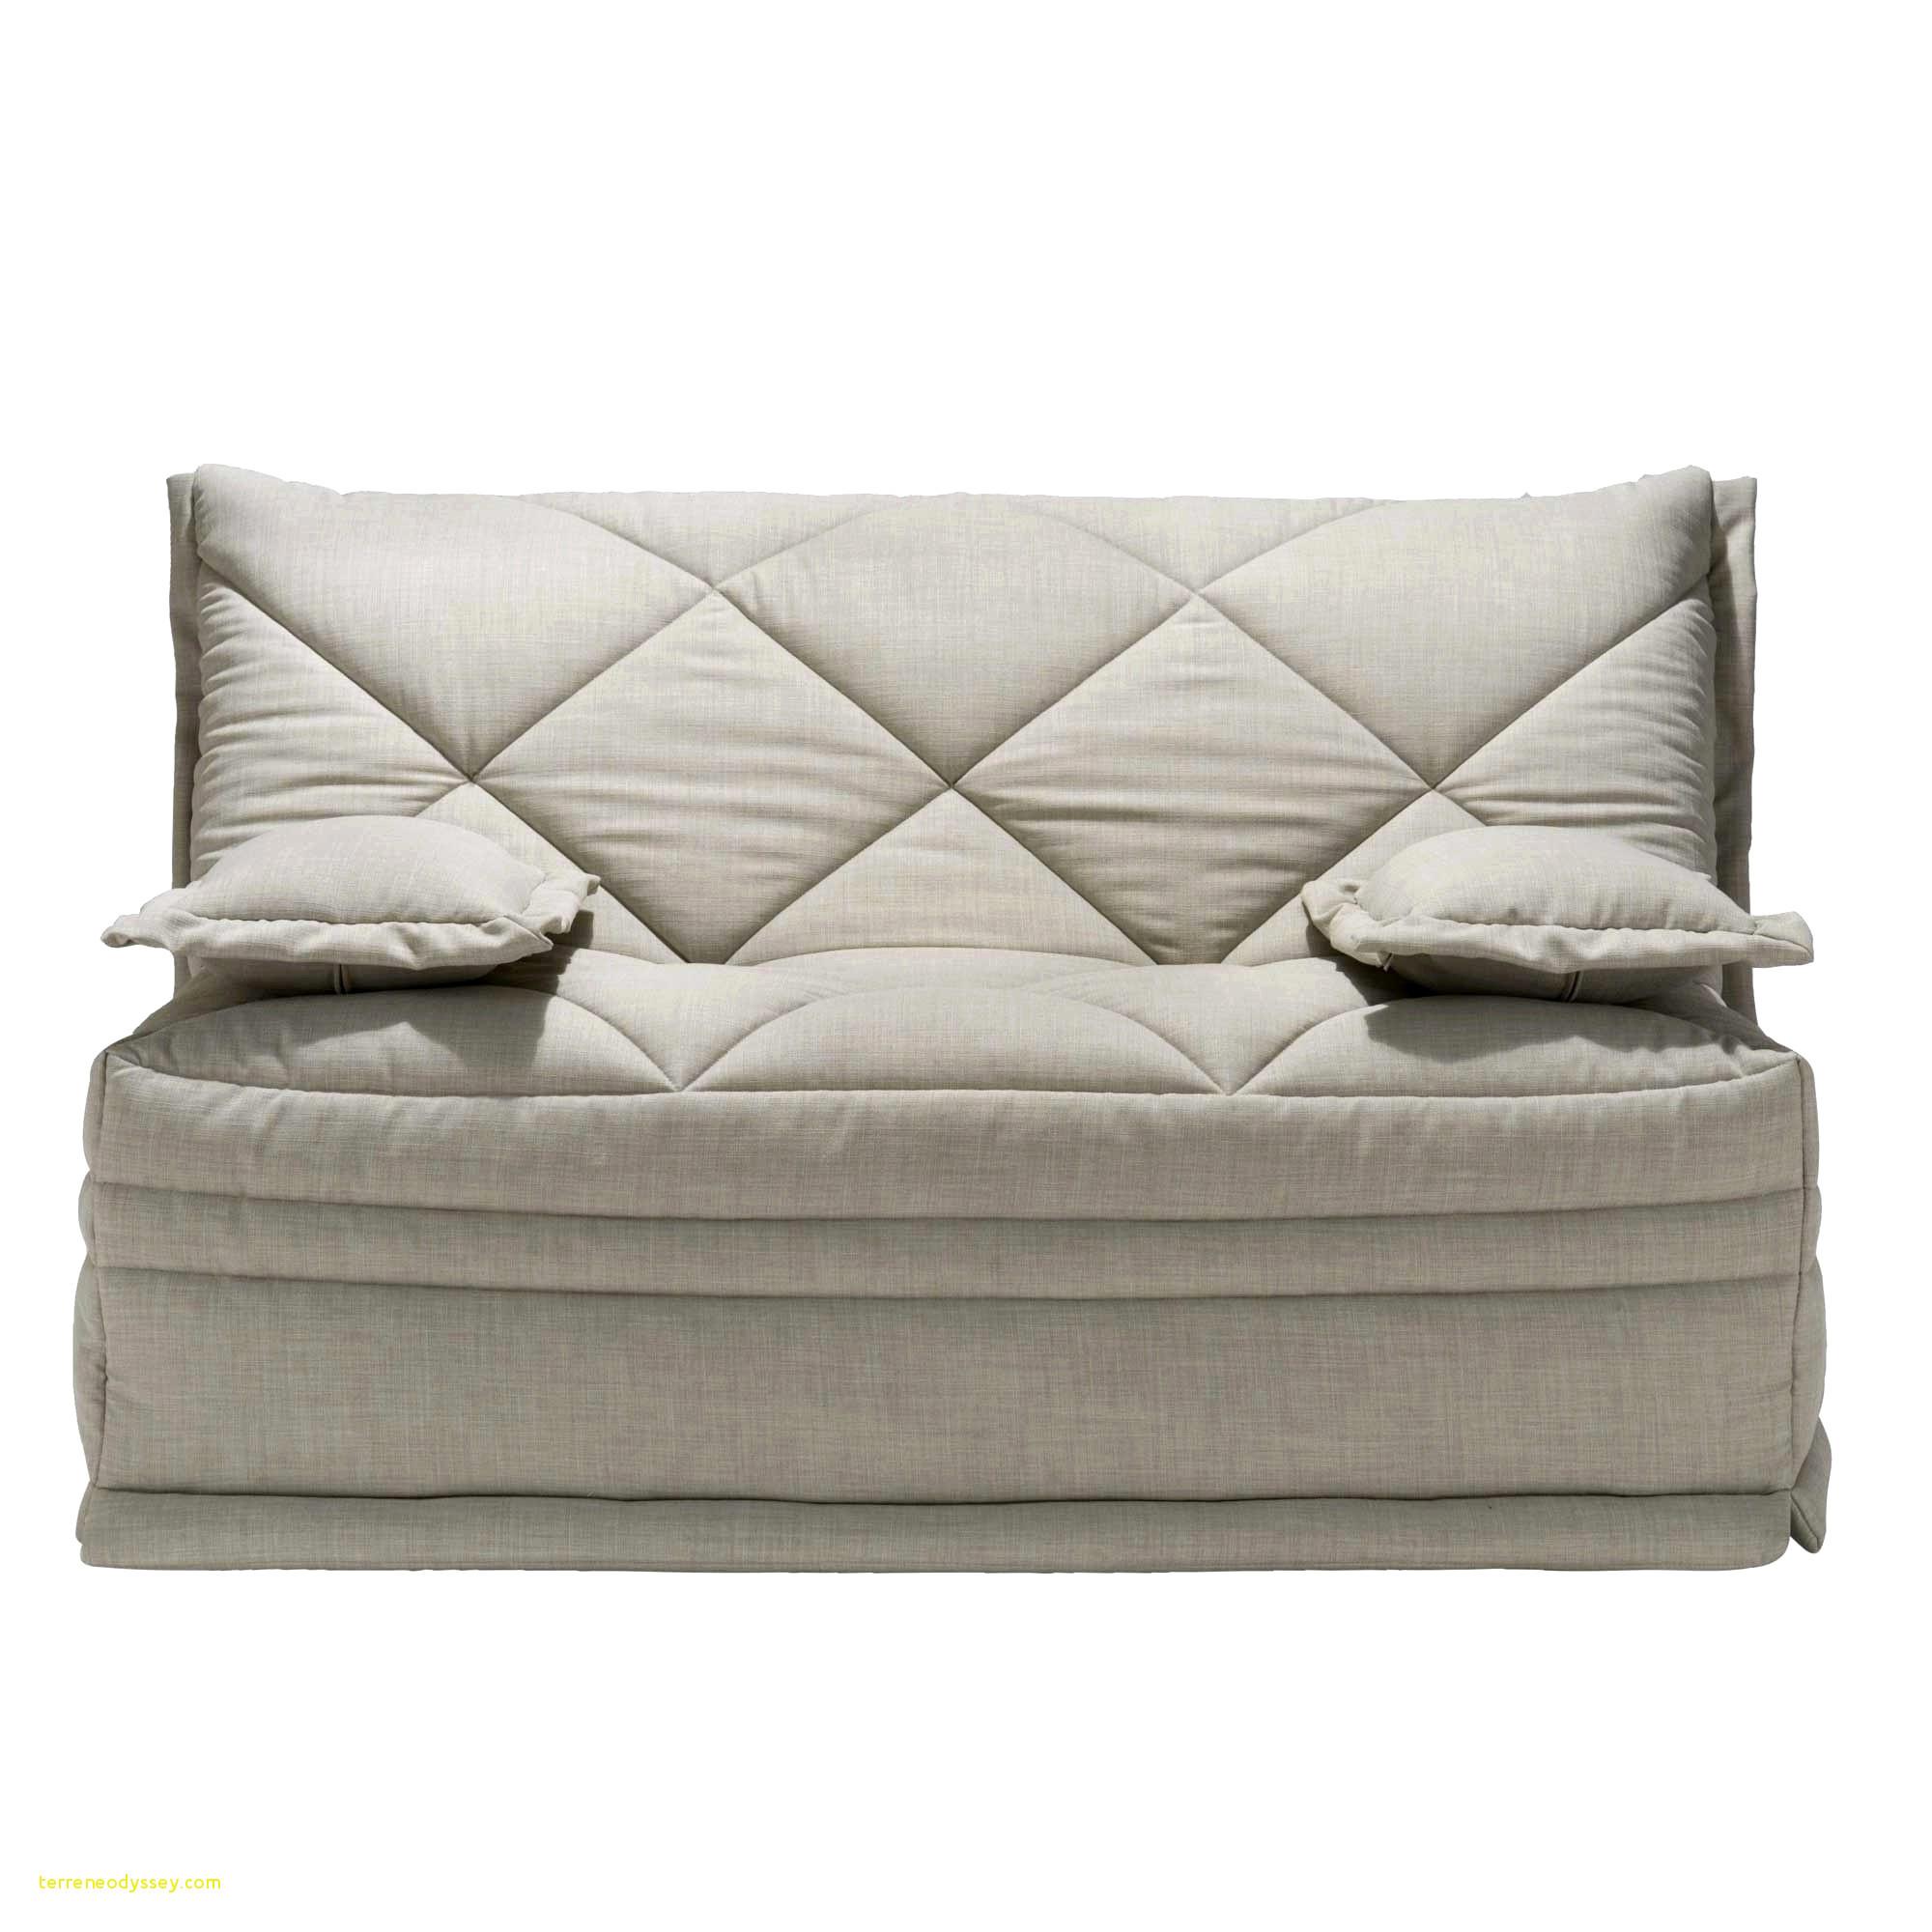 Clic Clac Ikea Charmant Cadre De Lit Futon Futon Japonais Pas Cher Beau S Matelas   Salon Jardin